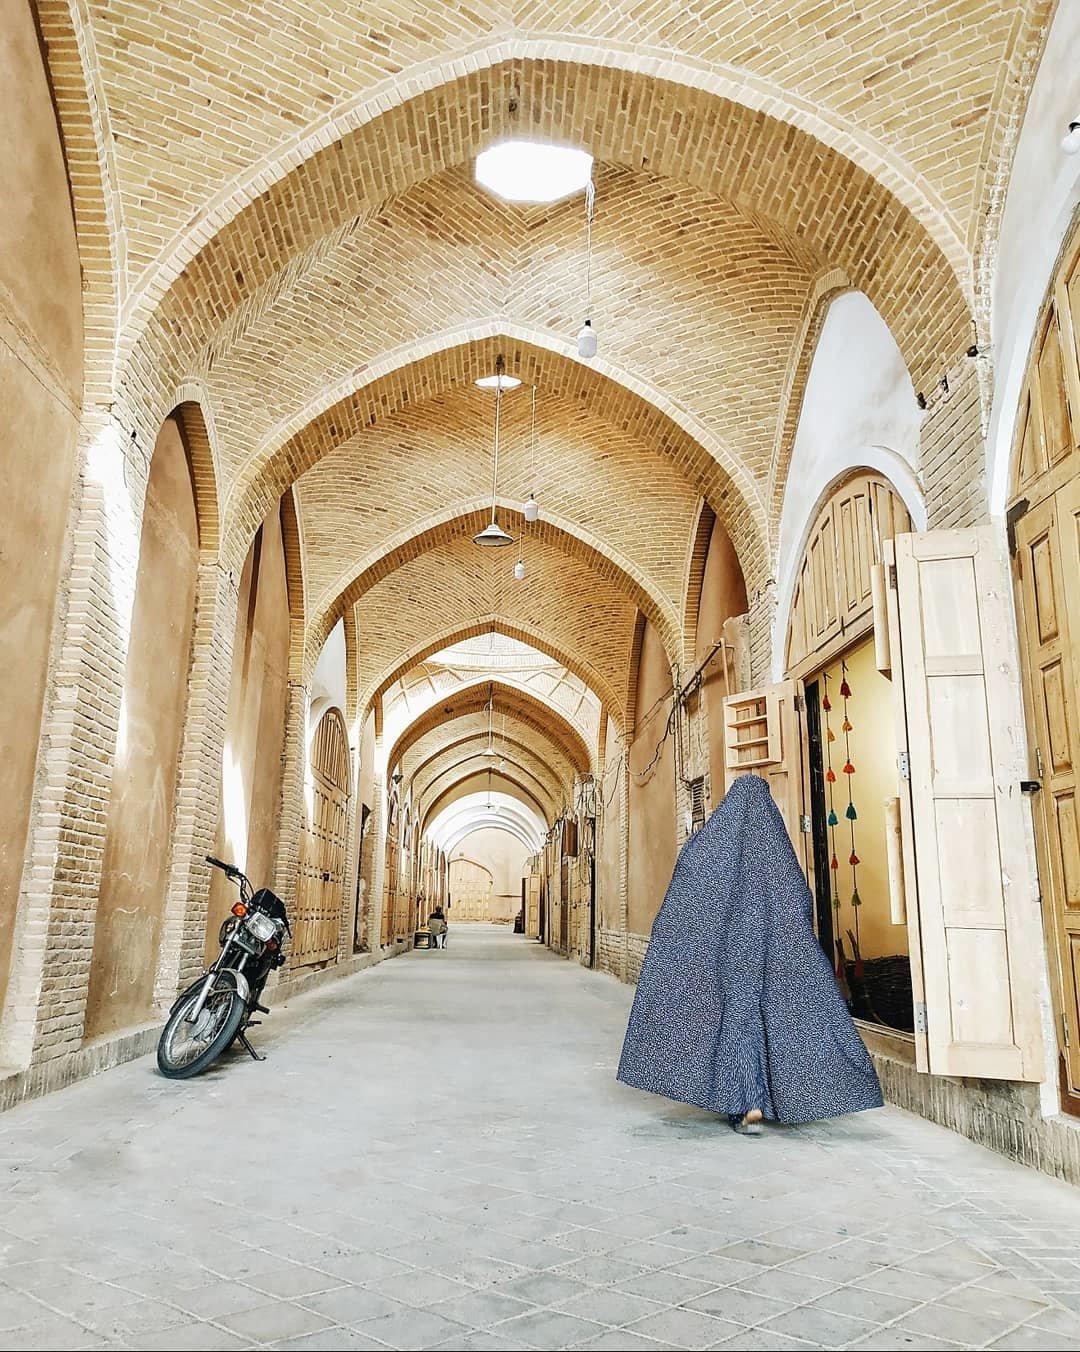 Город роз, персидские дворцы и Медина. Как харьковчанка провела две недели в Иране и Марокко, - ФОТО, фото-5